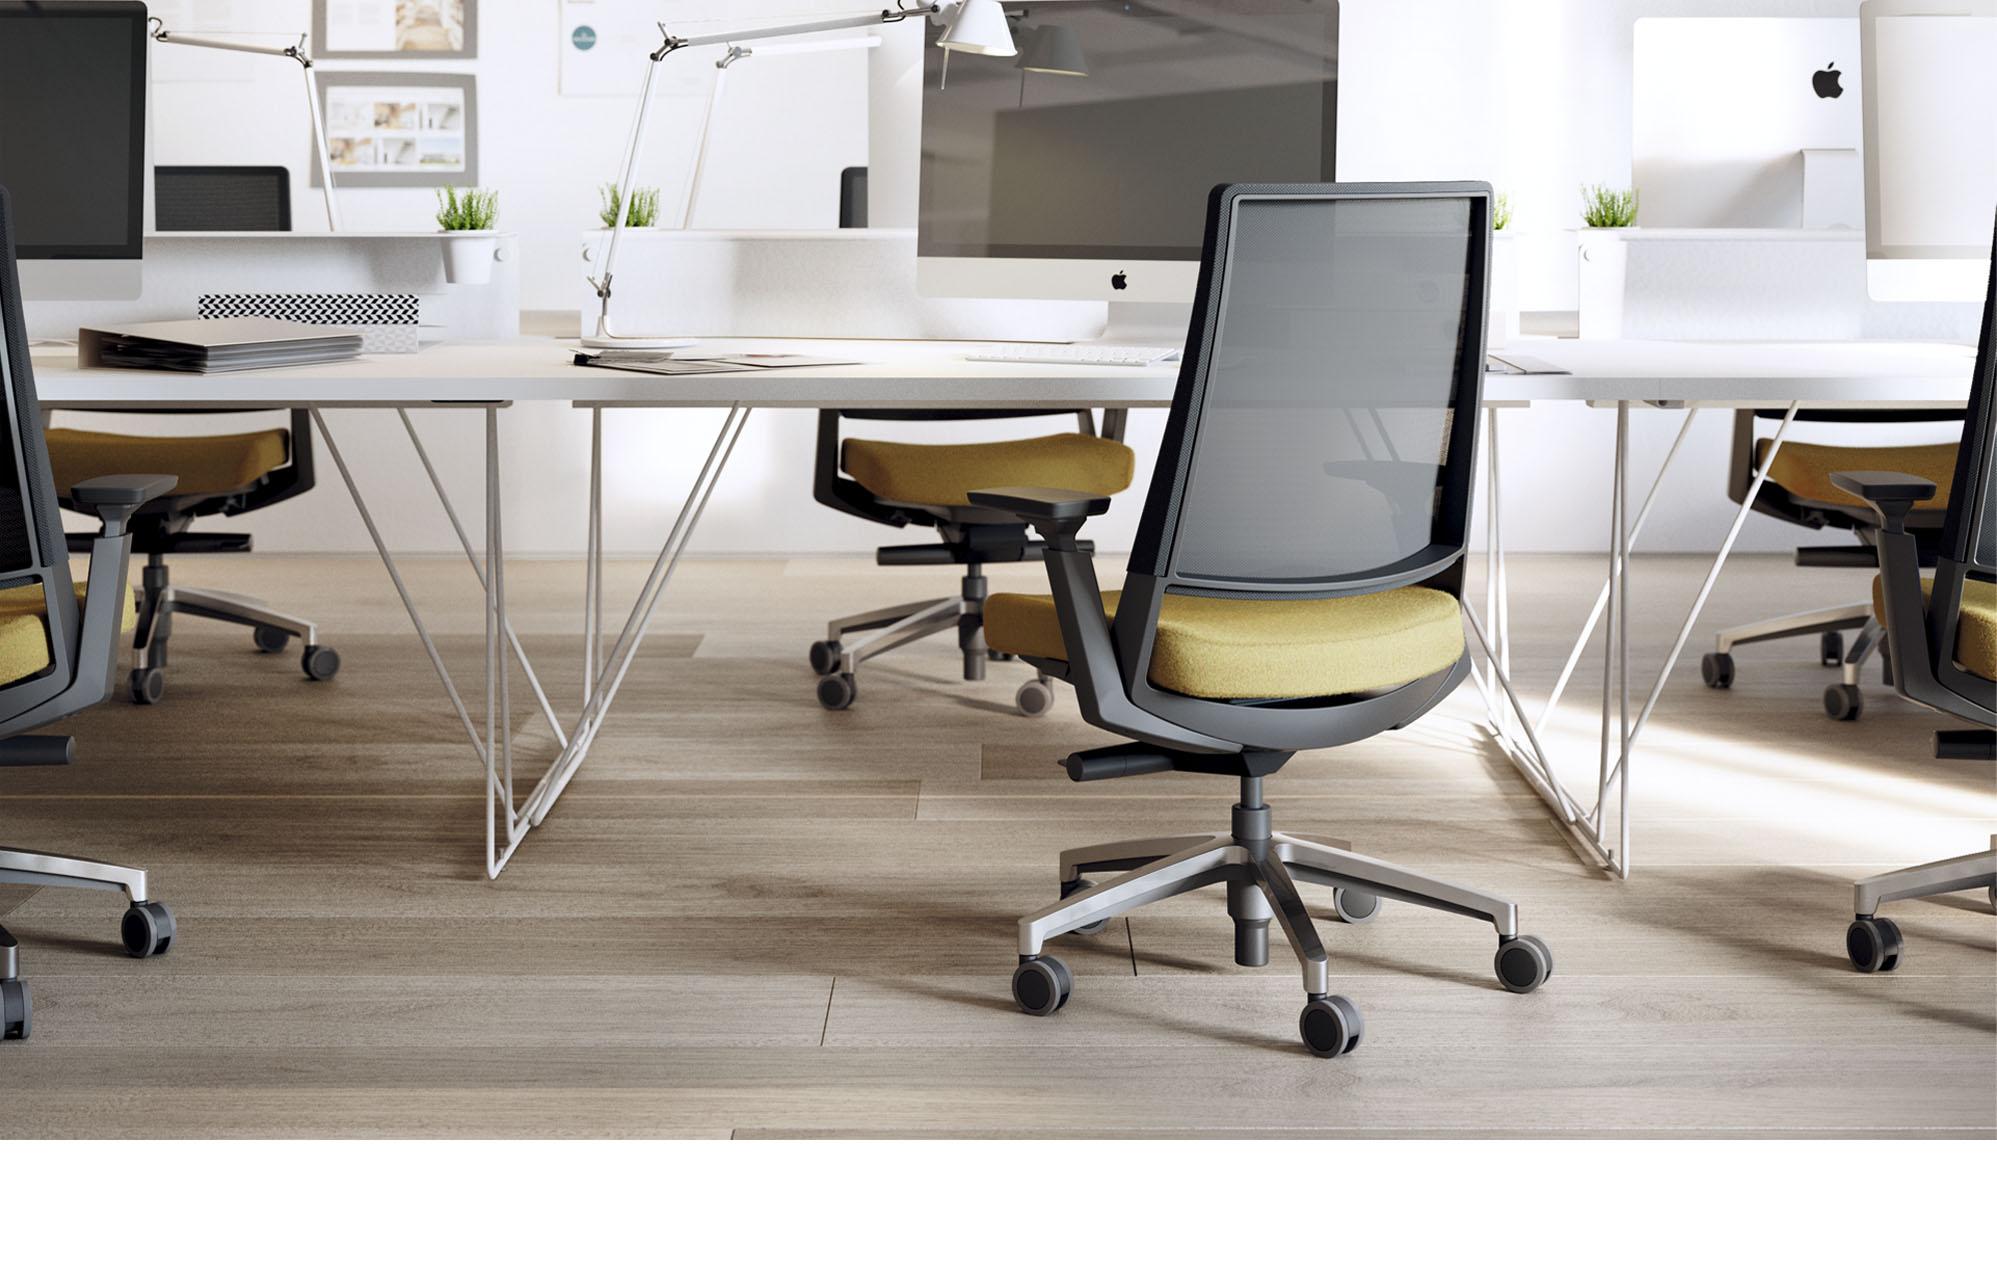 Forma 5 sillas y muebles de oficina for 5 muebles de oficina